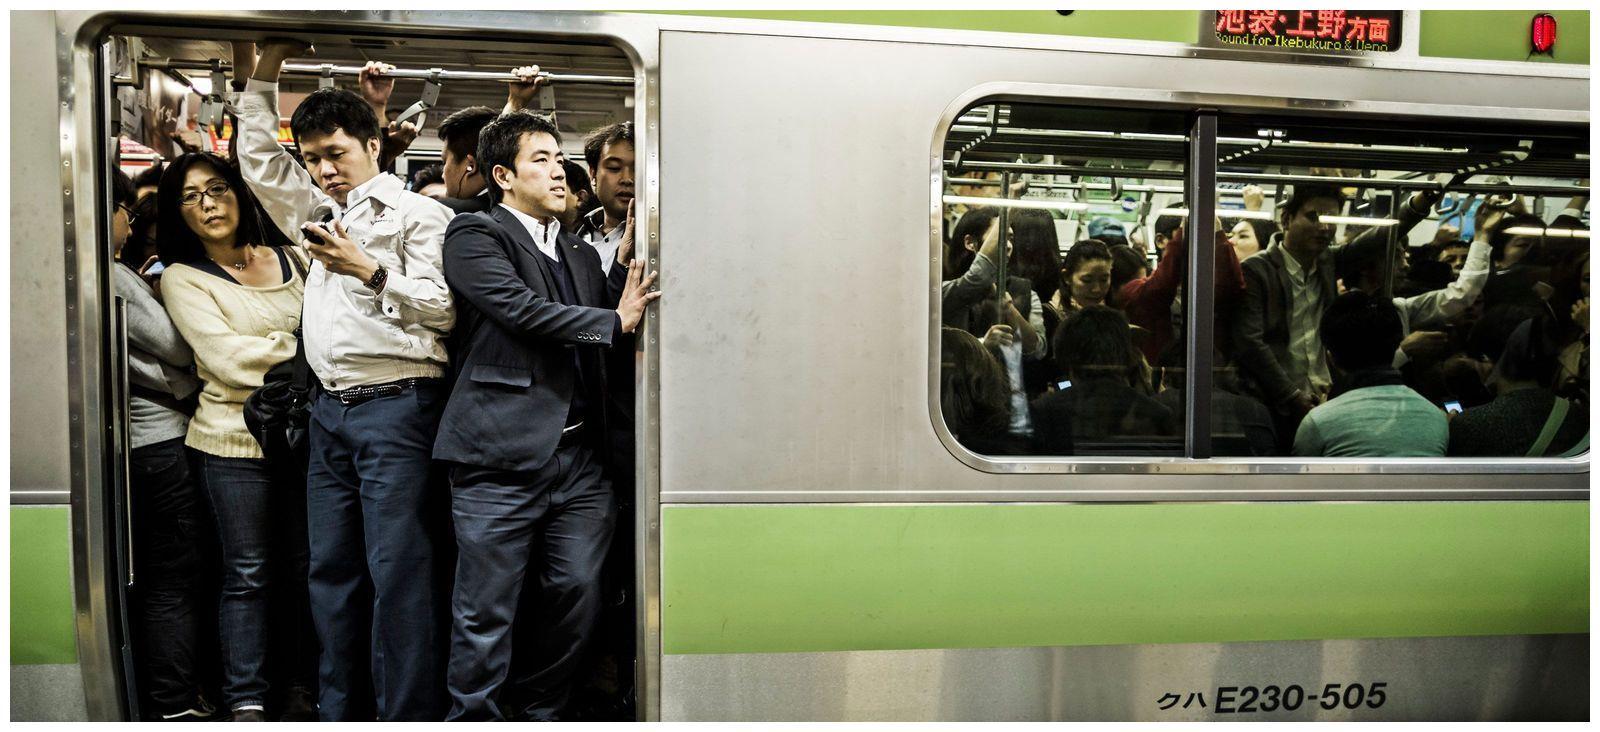 中国游客首次乘坐日本高铁,上车后惊讶直言:这与我们的高铁不同